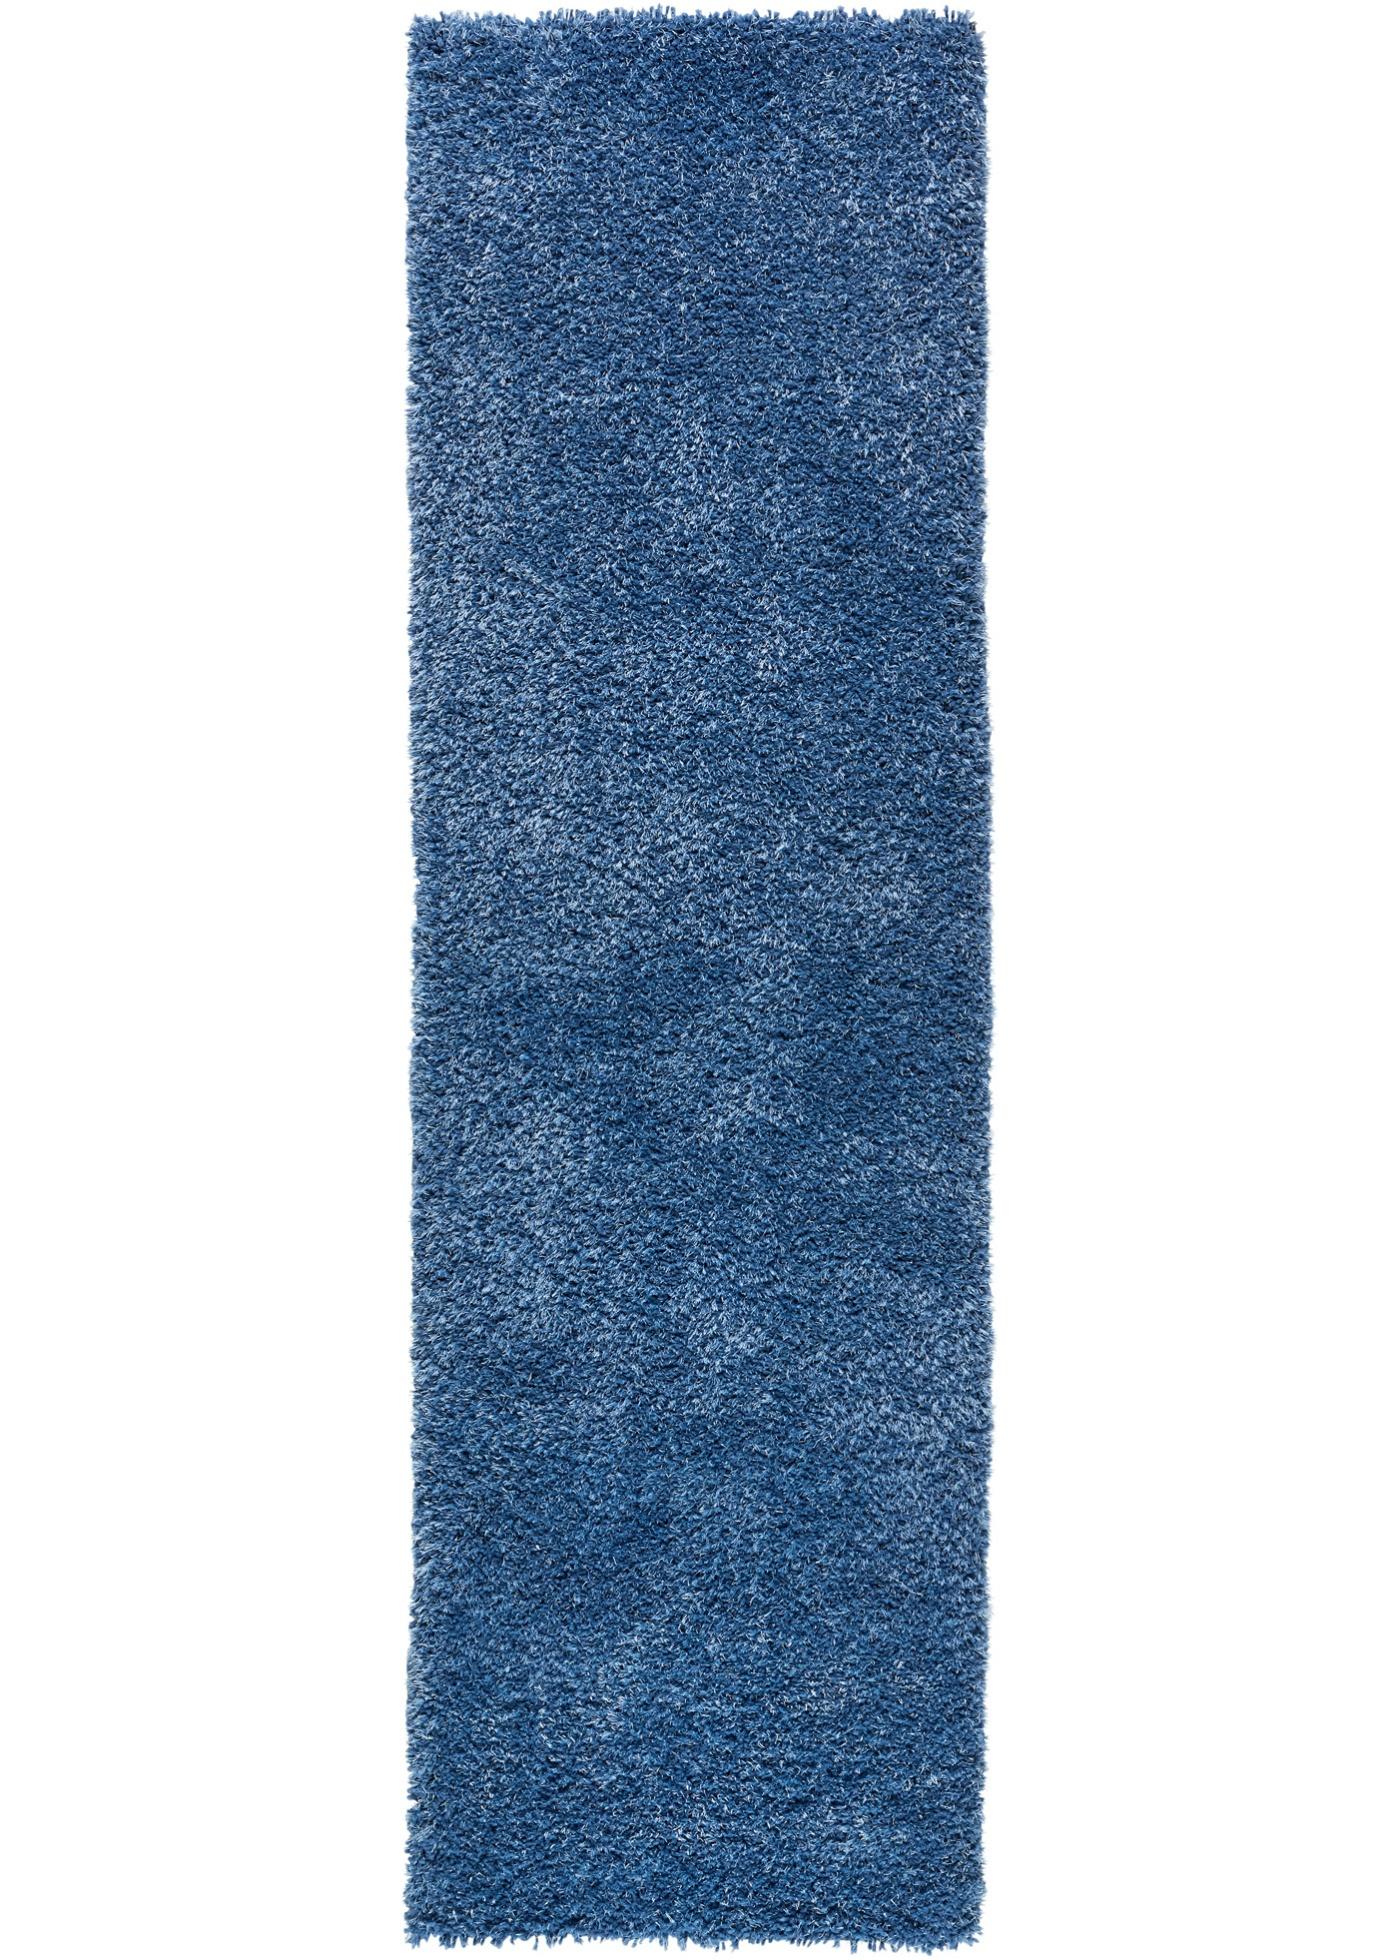 Hoogpolig vloerkleed met dichte pool